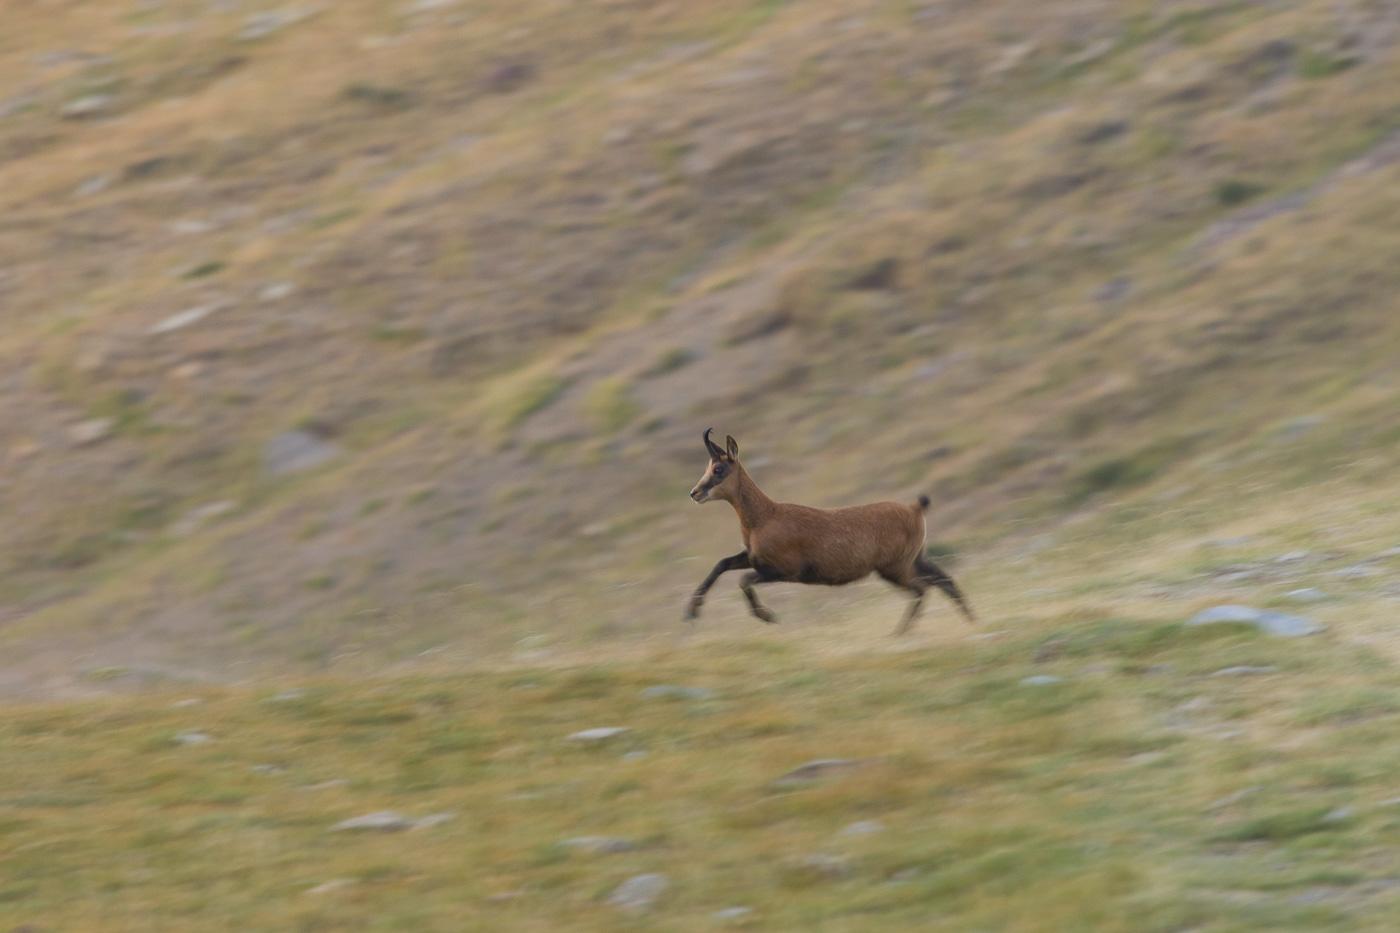 Isard - Fauna salvatge - Raül Carmona - Fotografia, Fotografia d'estudi, esdeveniments i Natura